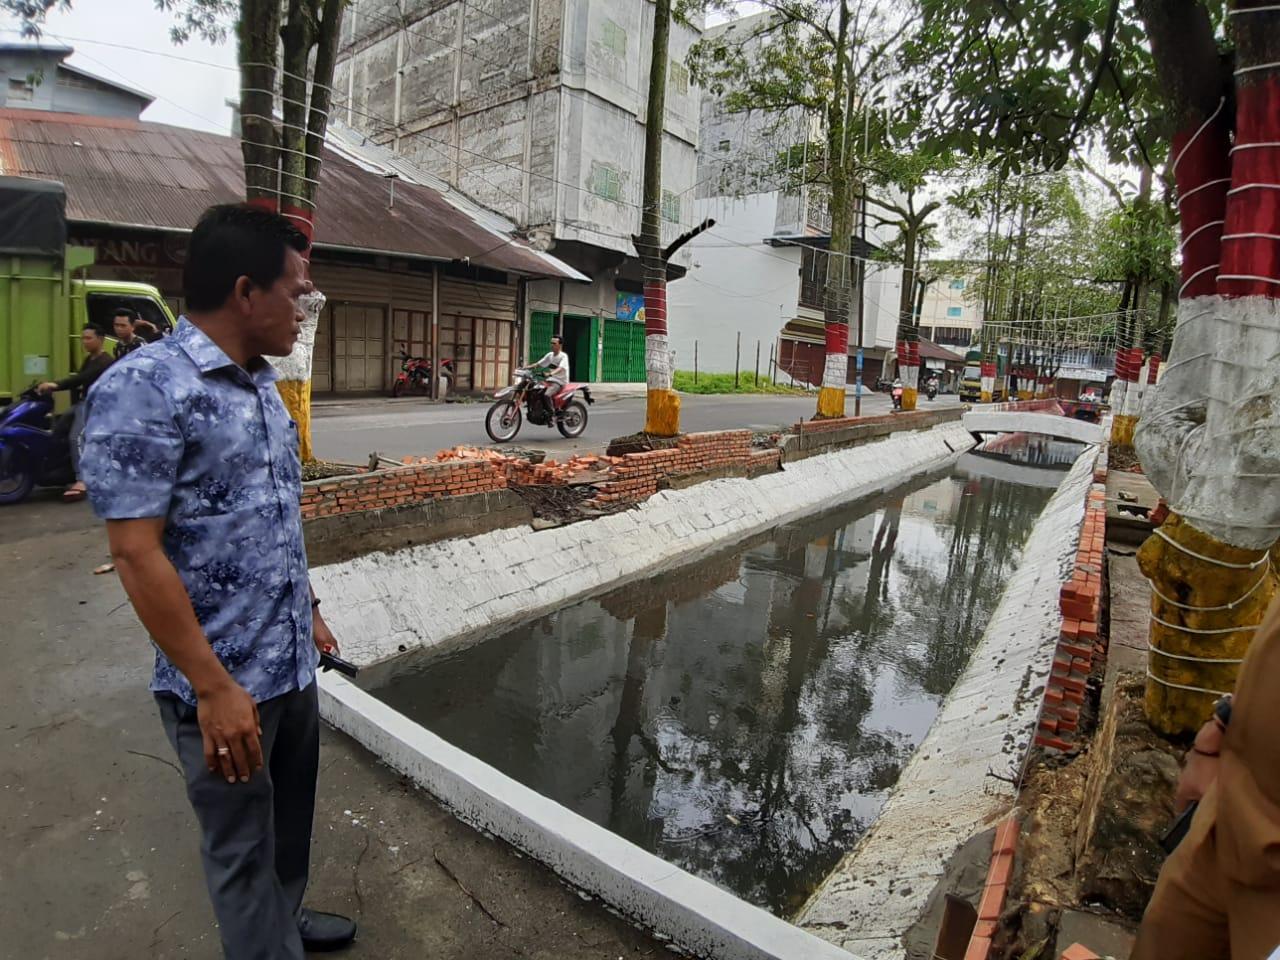 Ketua DPRD Tinjau Penataan Sungai Garam